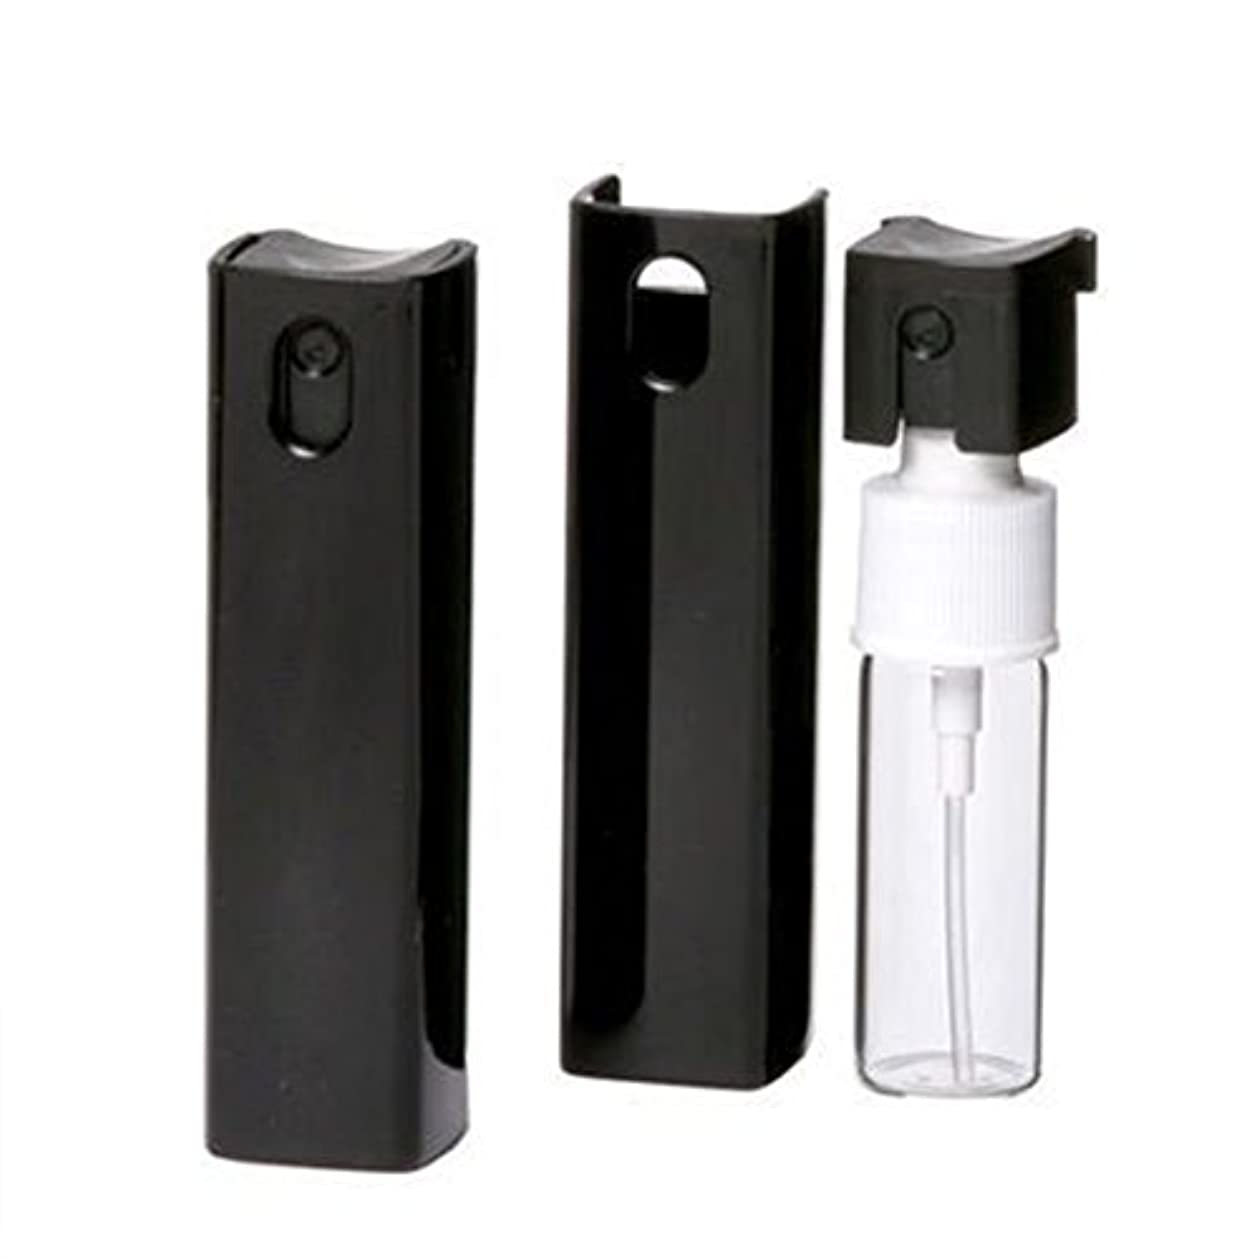 ユーモア発掘するスペインShopXJ 香水 メンズ アトマイザー 大人 男性 プッシュ式 詰め替え 持ち運び 身だしなみ 携帯用 10ml